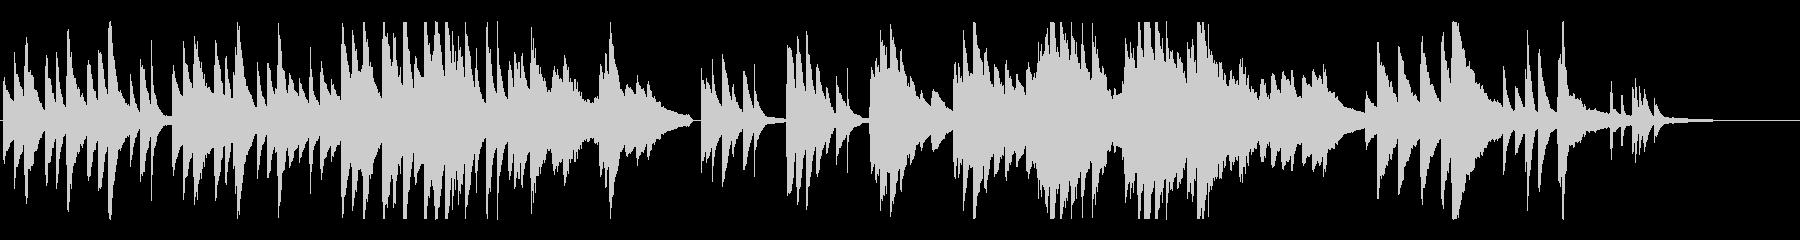 ピアノソロの切ないBGMの未再生の波形